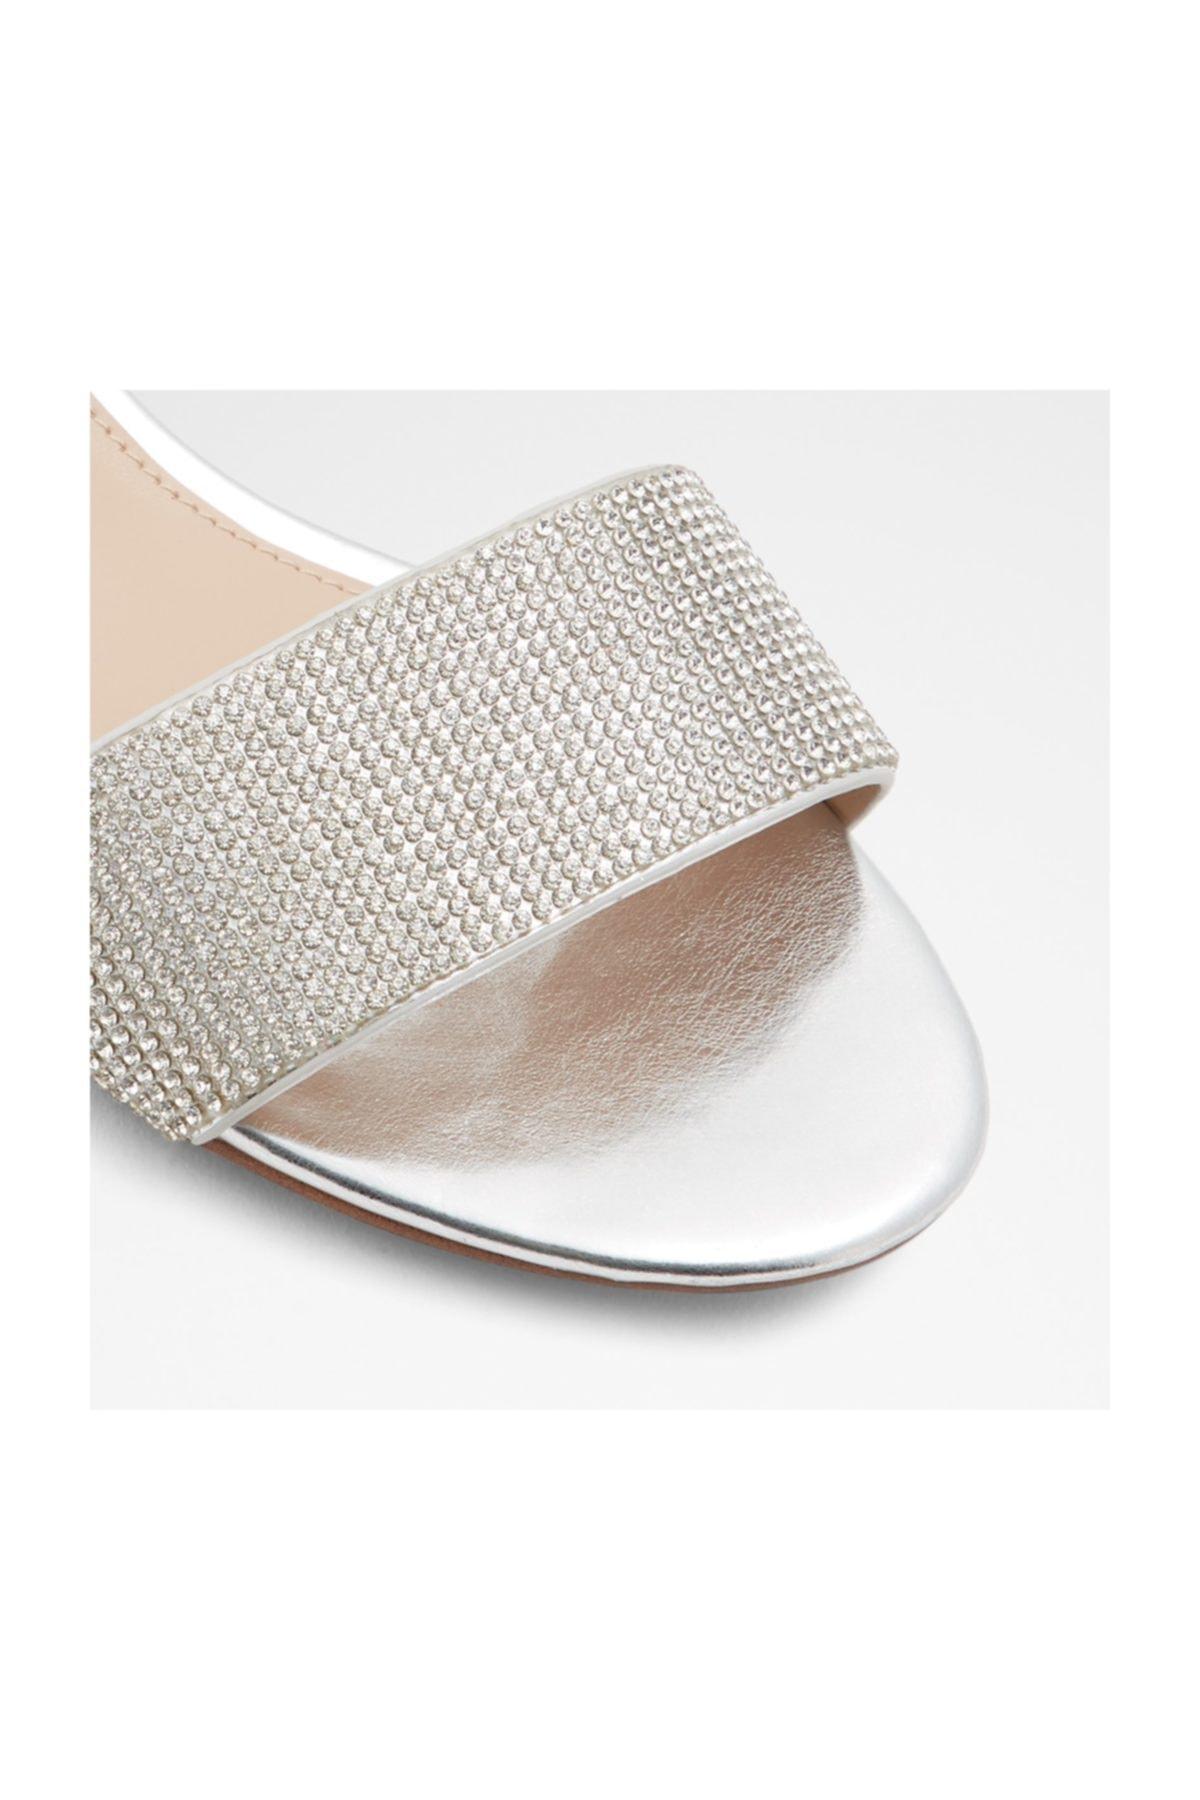 Aldo Kadın Gümüş Taşlı Sandalet 2